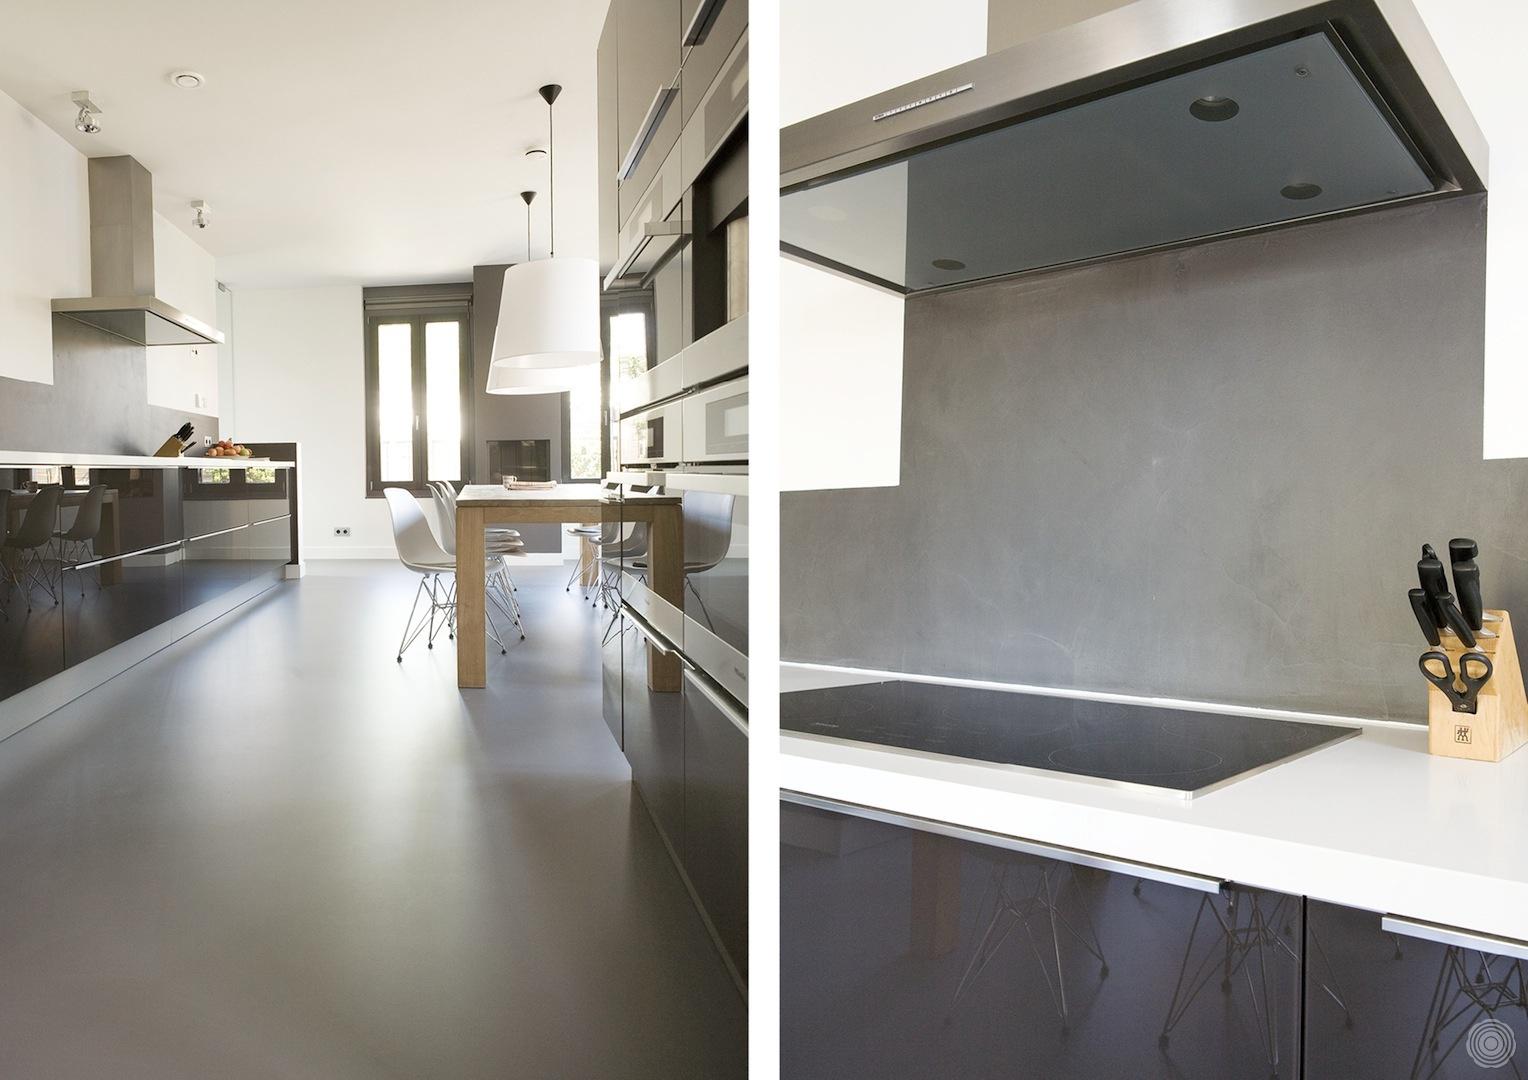 Gietvloer Voor Keuken : gietvloeren in keukens een overzicht van senso gietvloeren in keukens